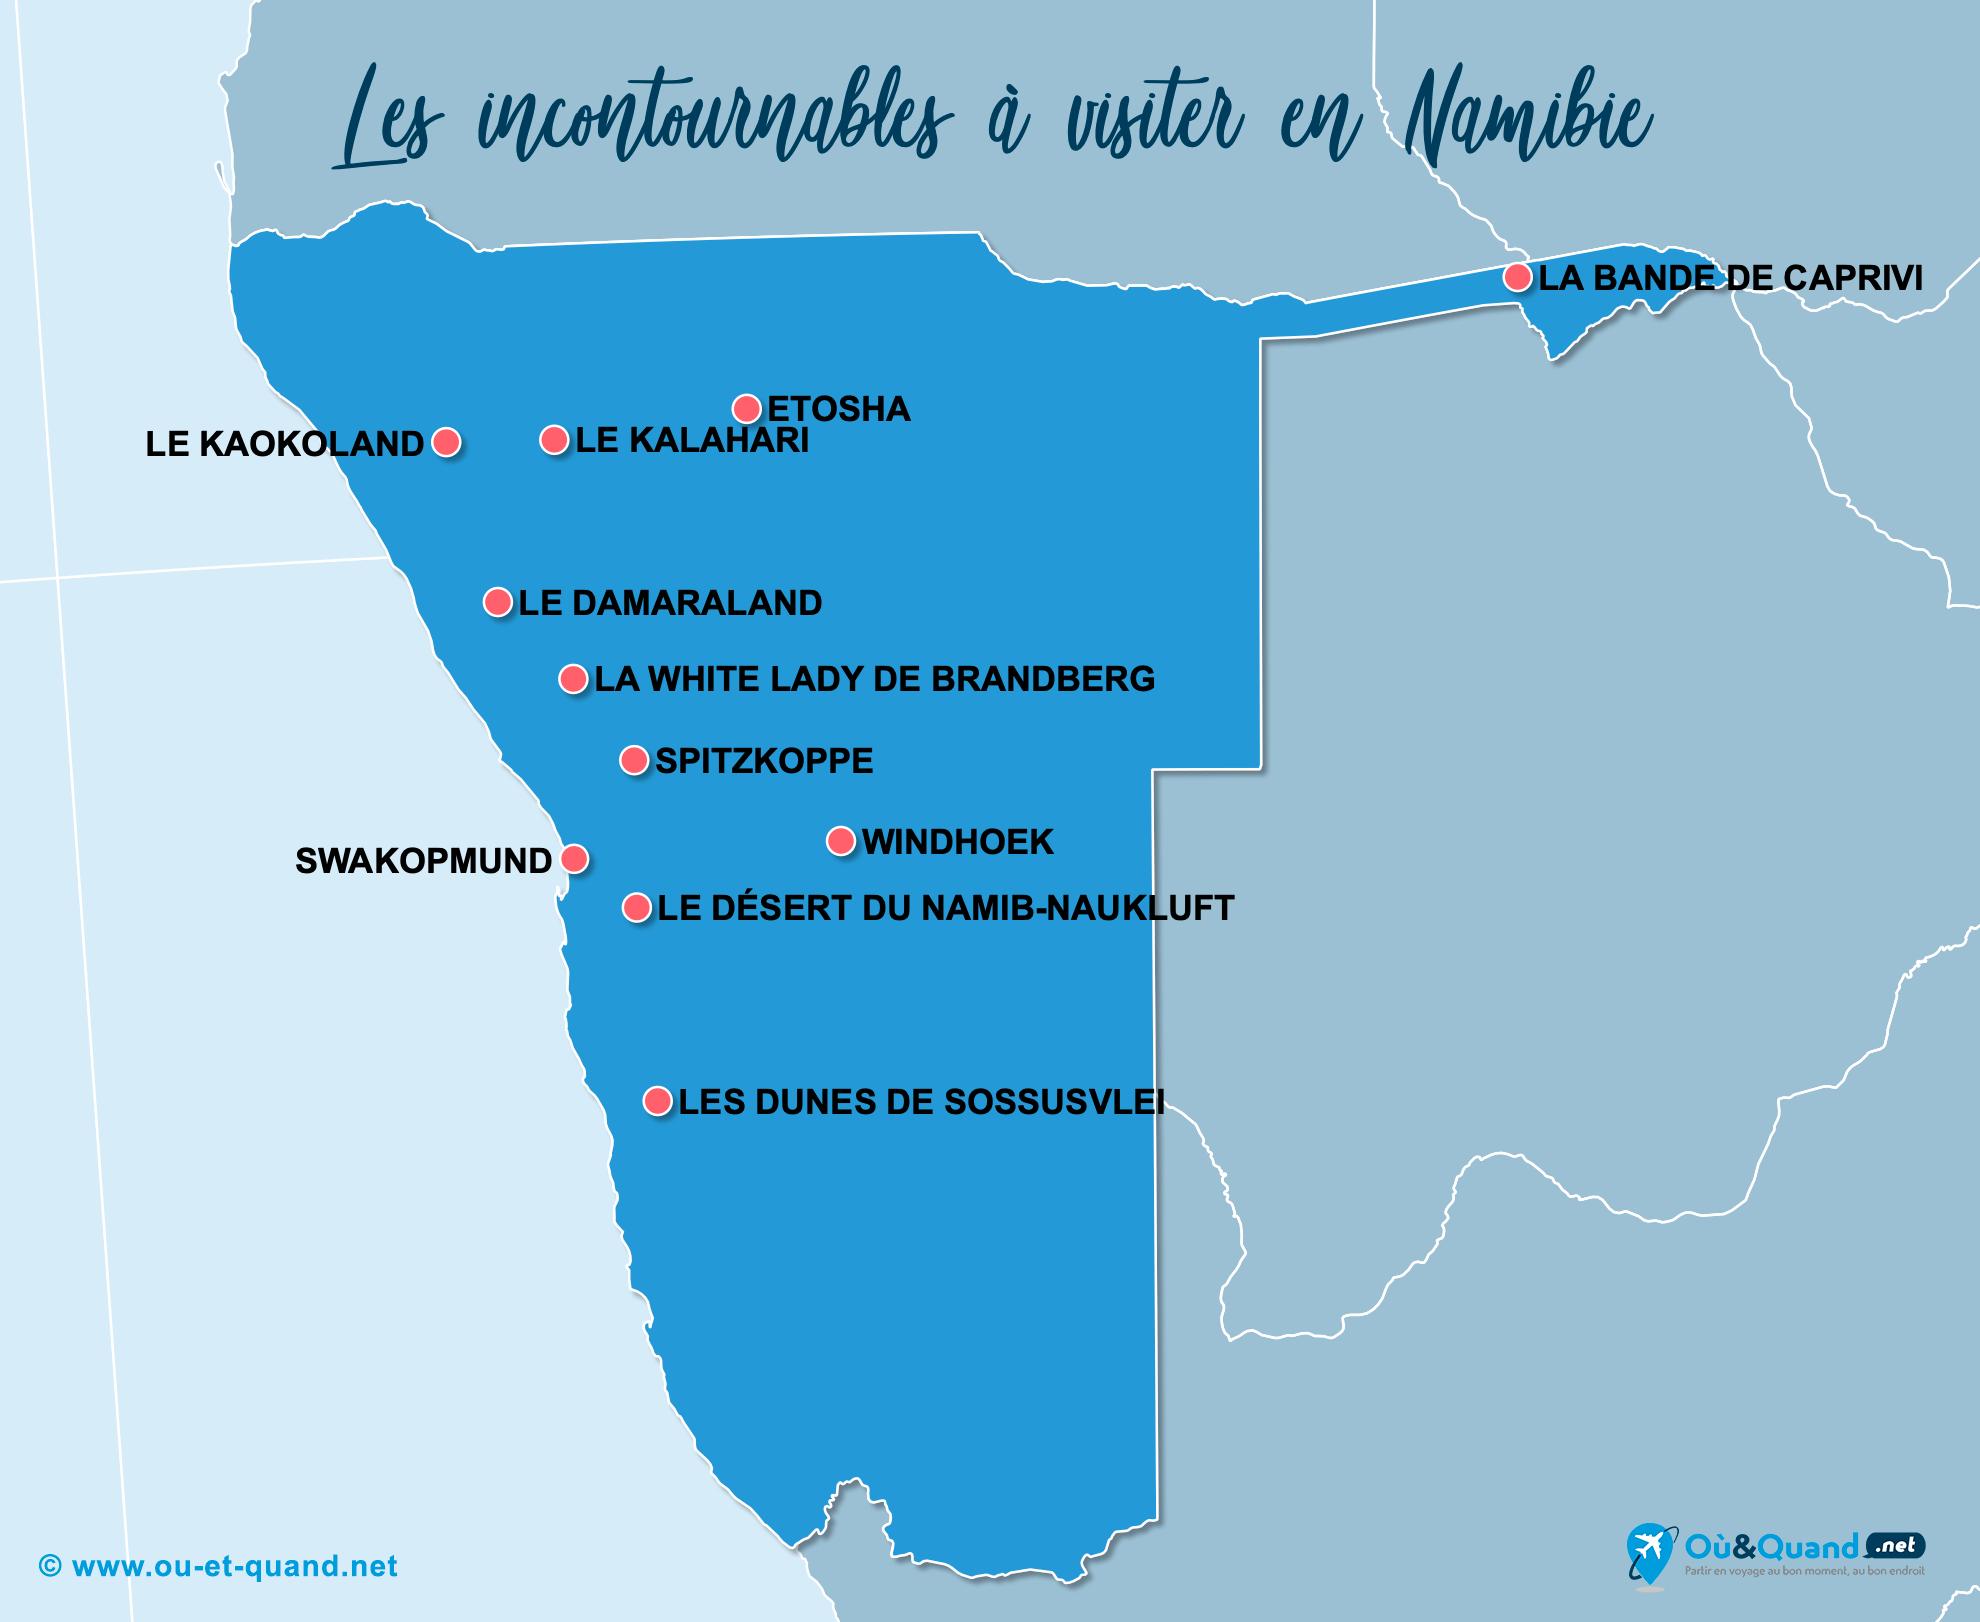 Carte Incontournables Namibie